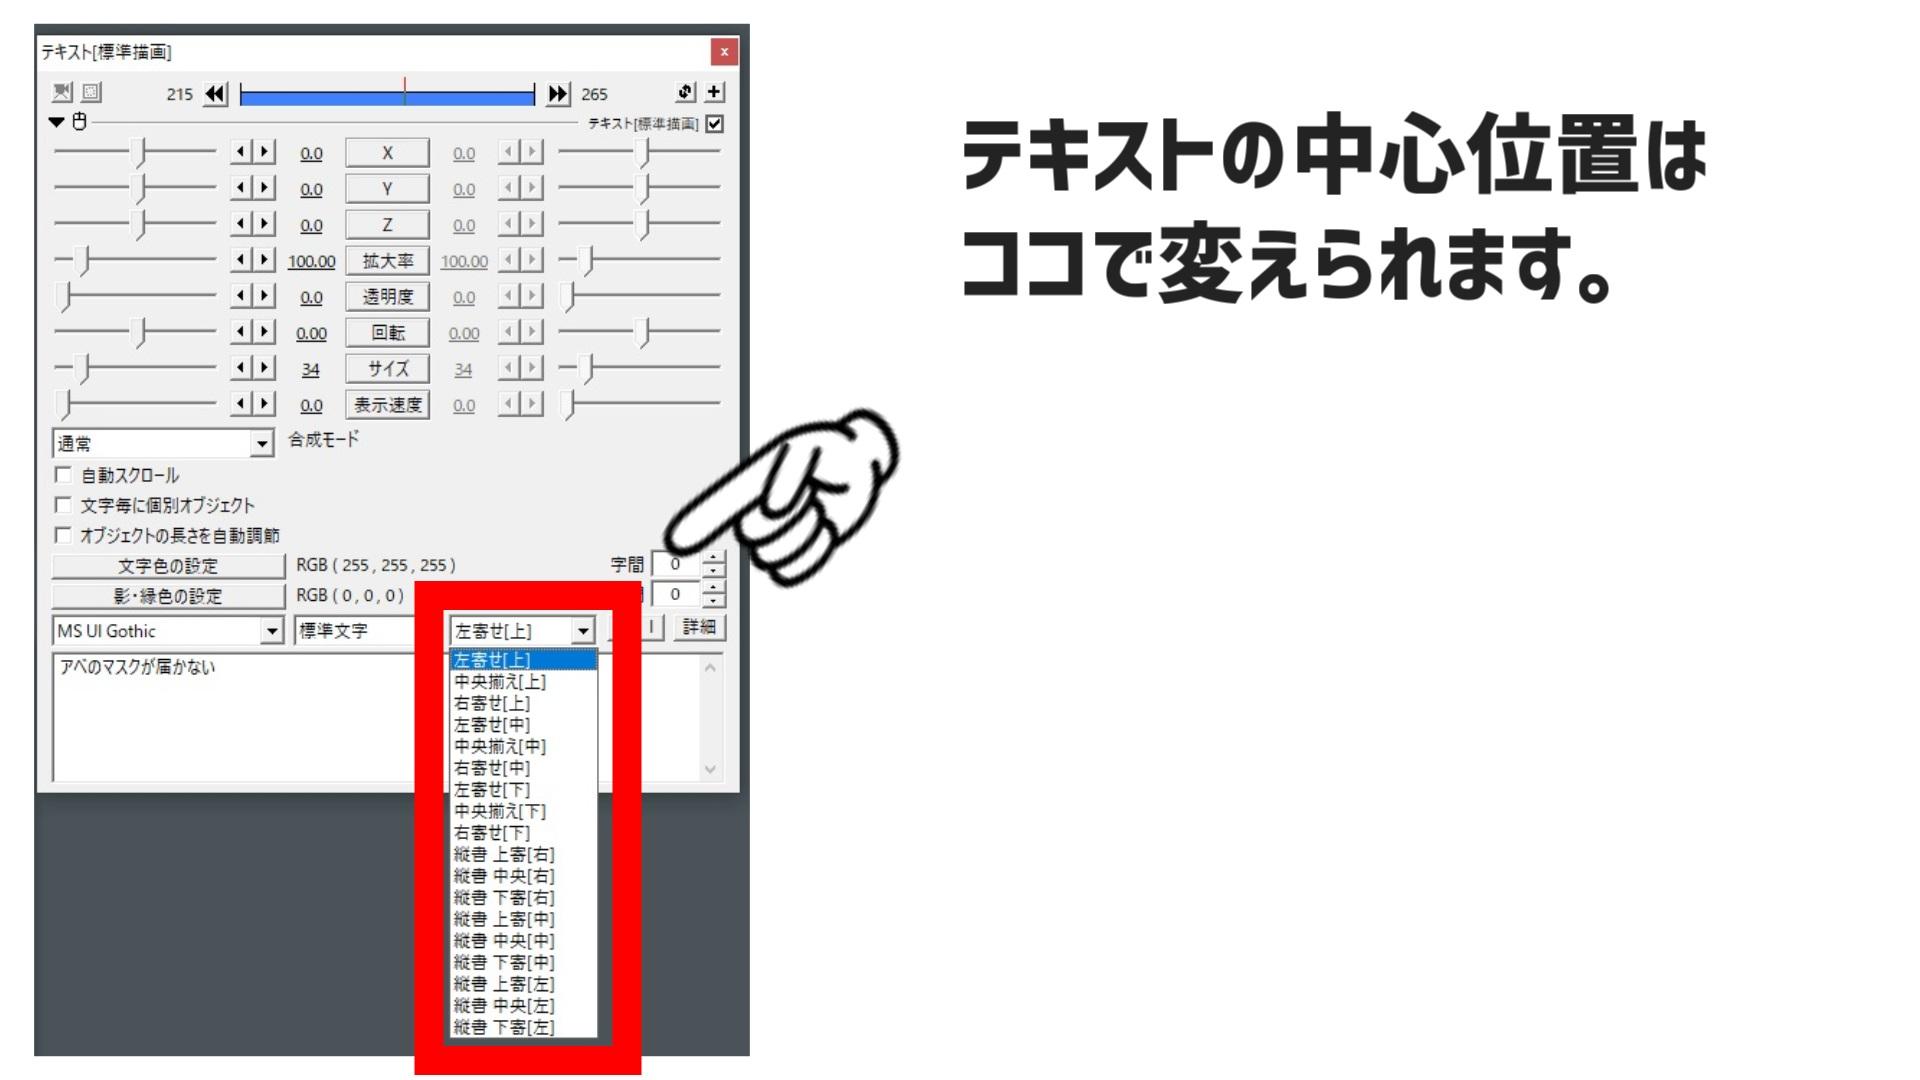 テキストを選択して、設定ダイアログ右下の選択タブをクリックすると、左寄せ[上]などの座標の中心位置を設定できます。